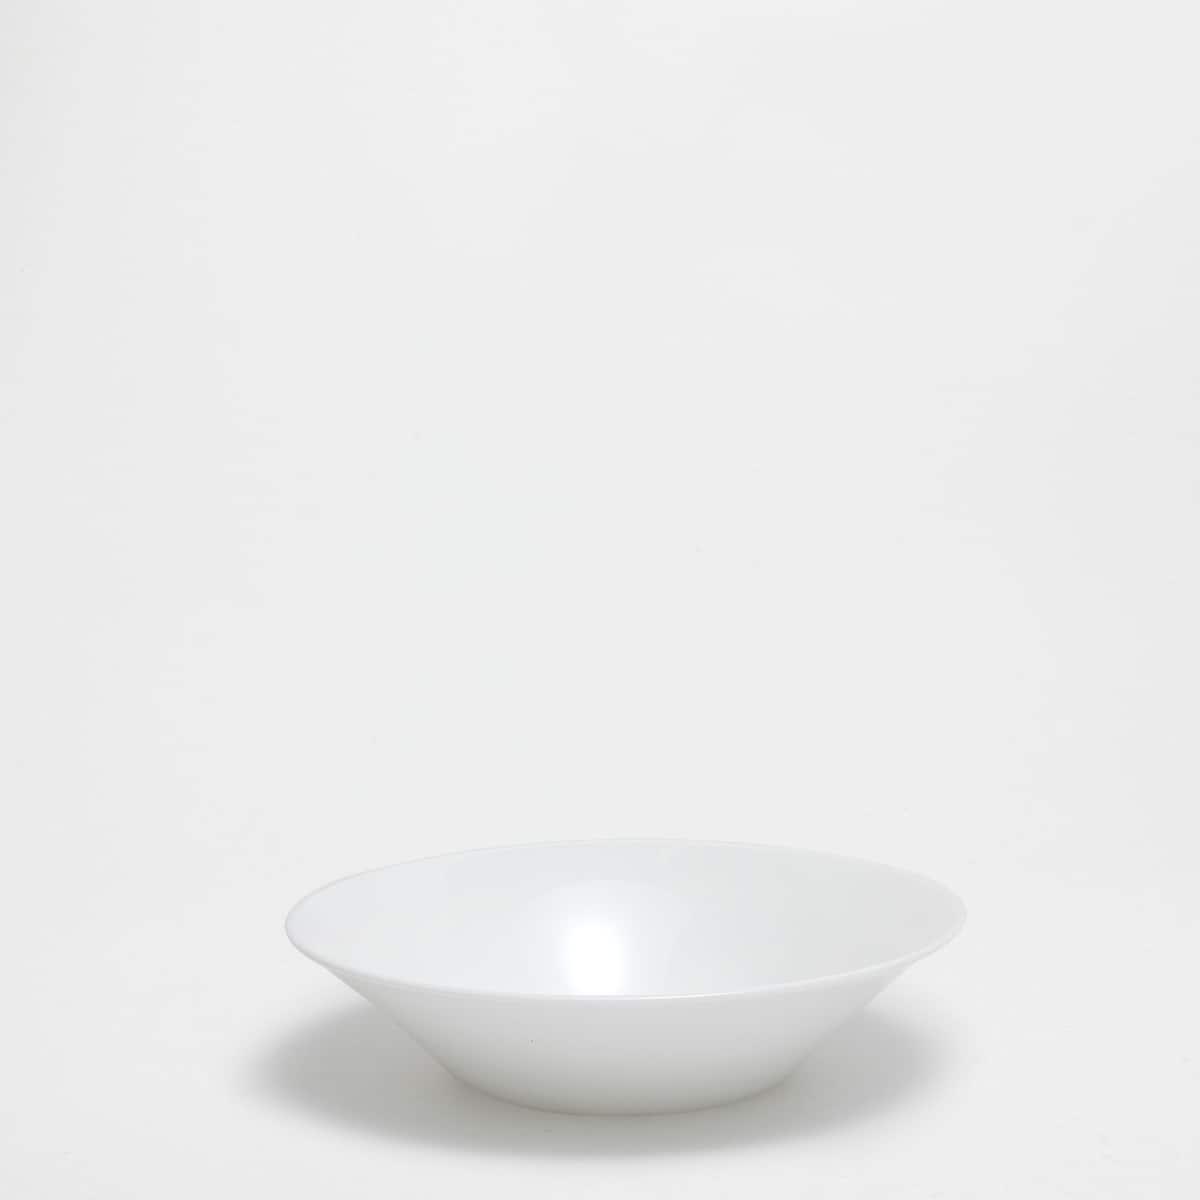 Afbeelding 1 van het product Effen glazen kom